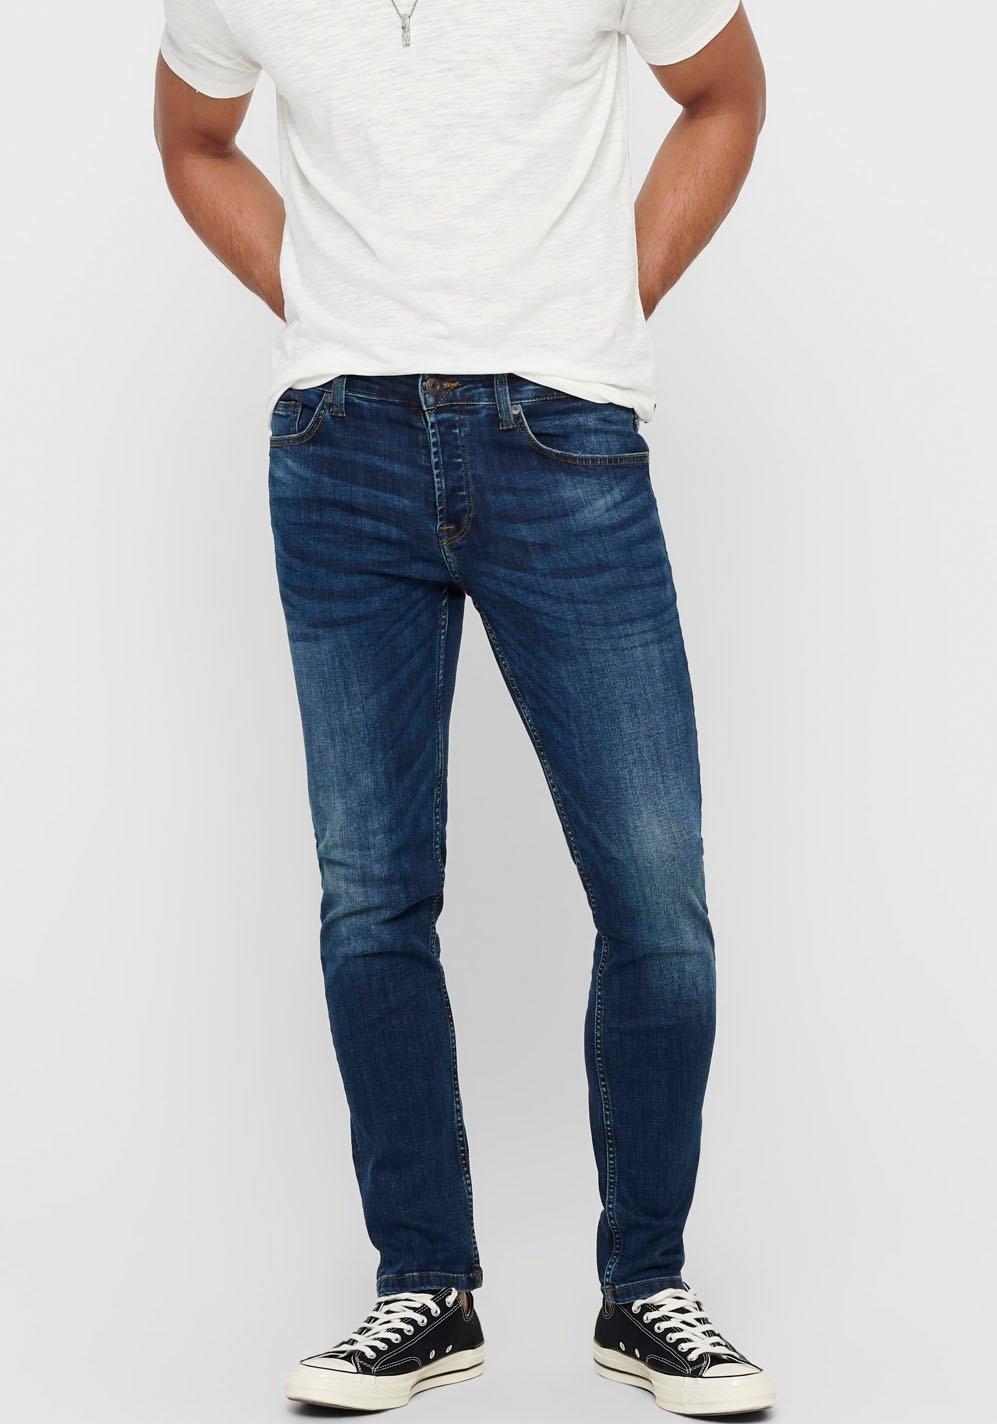 ONLY & SONS regular fit jeans WEFT goedkoop op otto.nl kopen